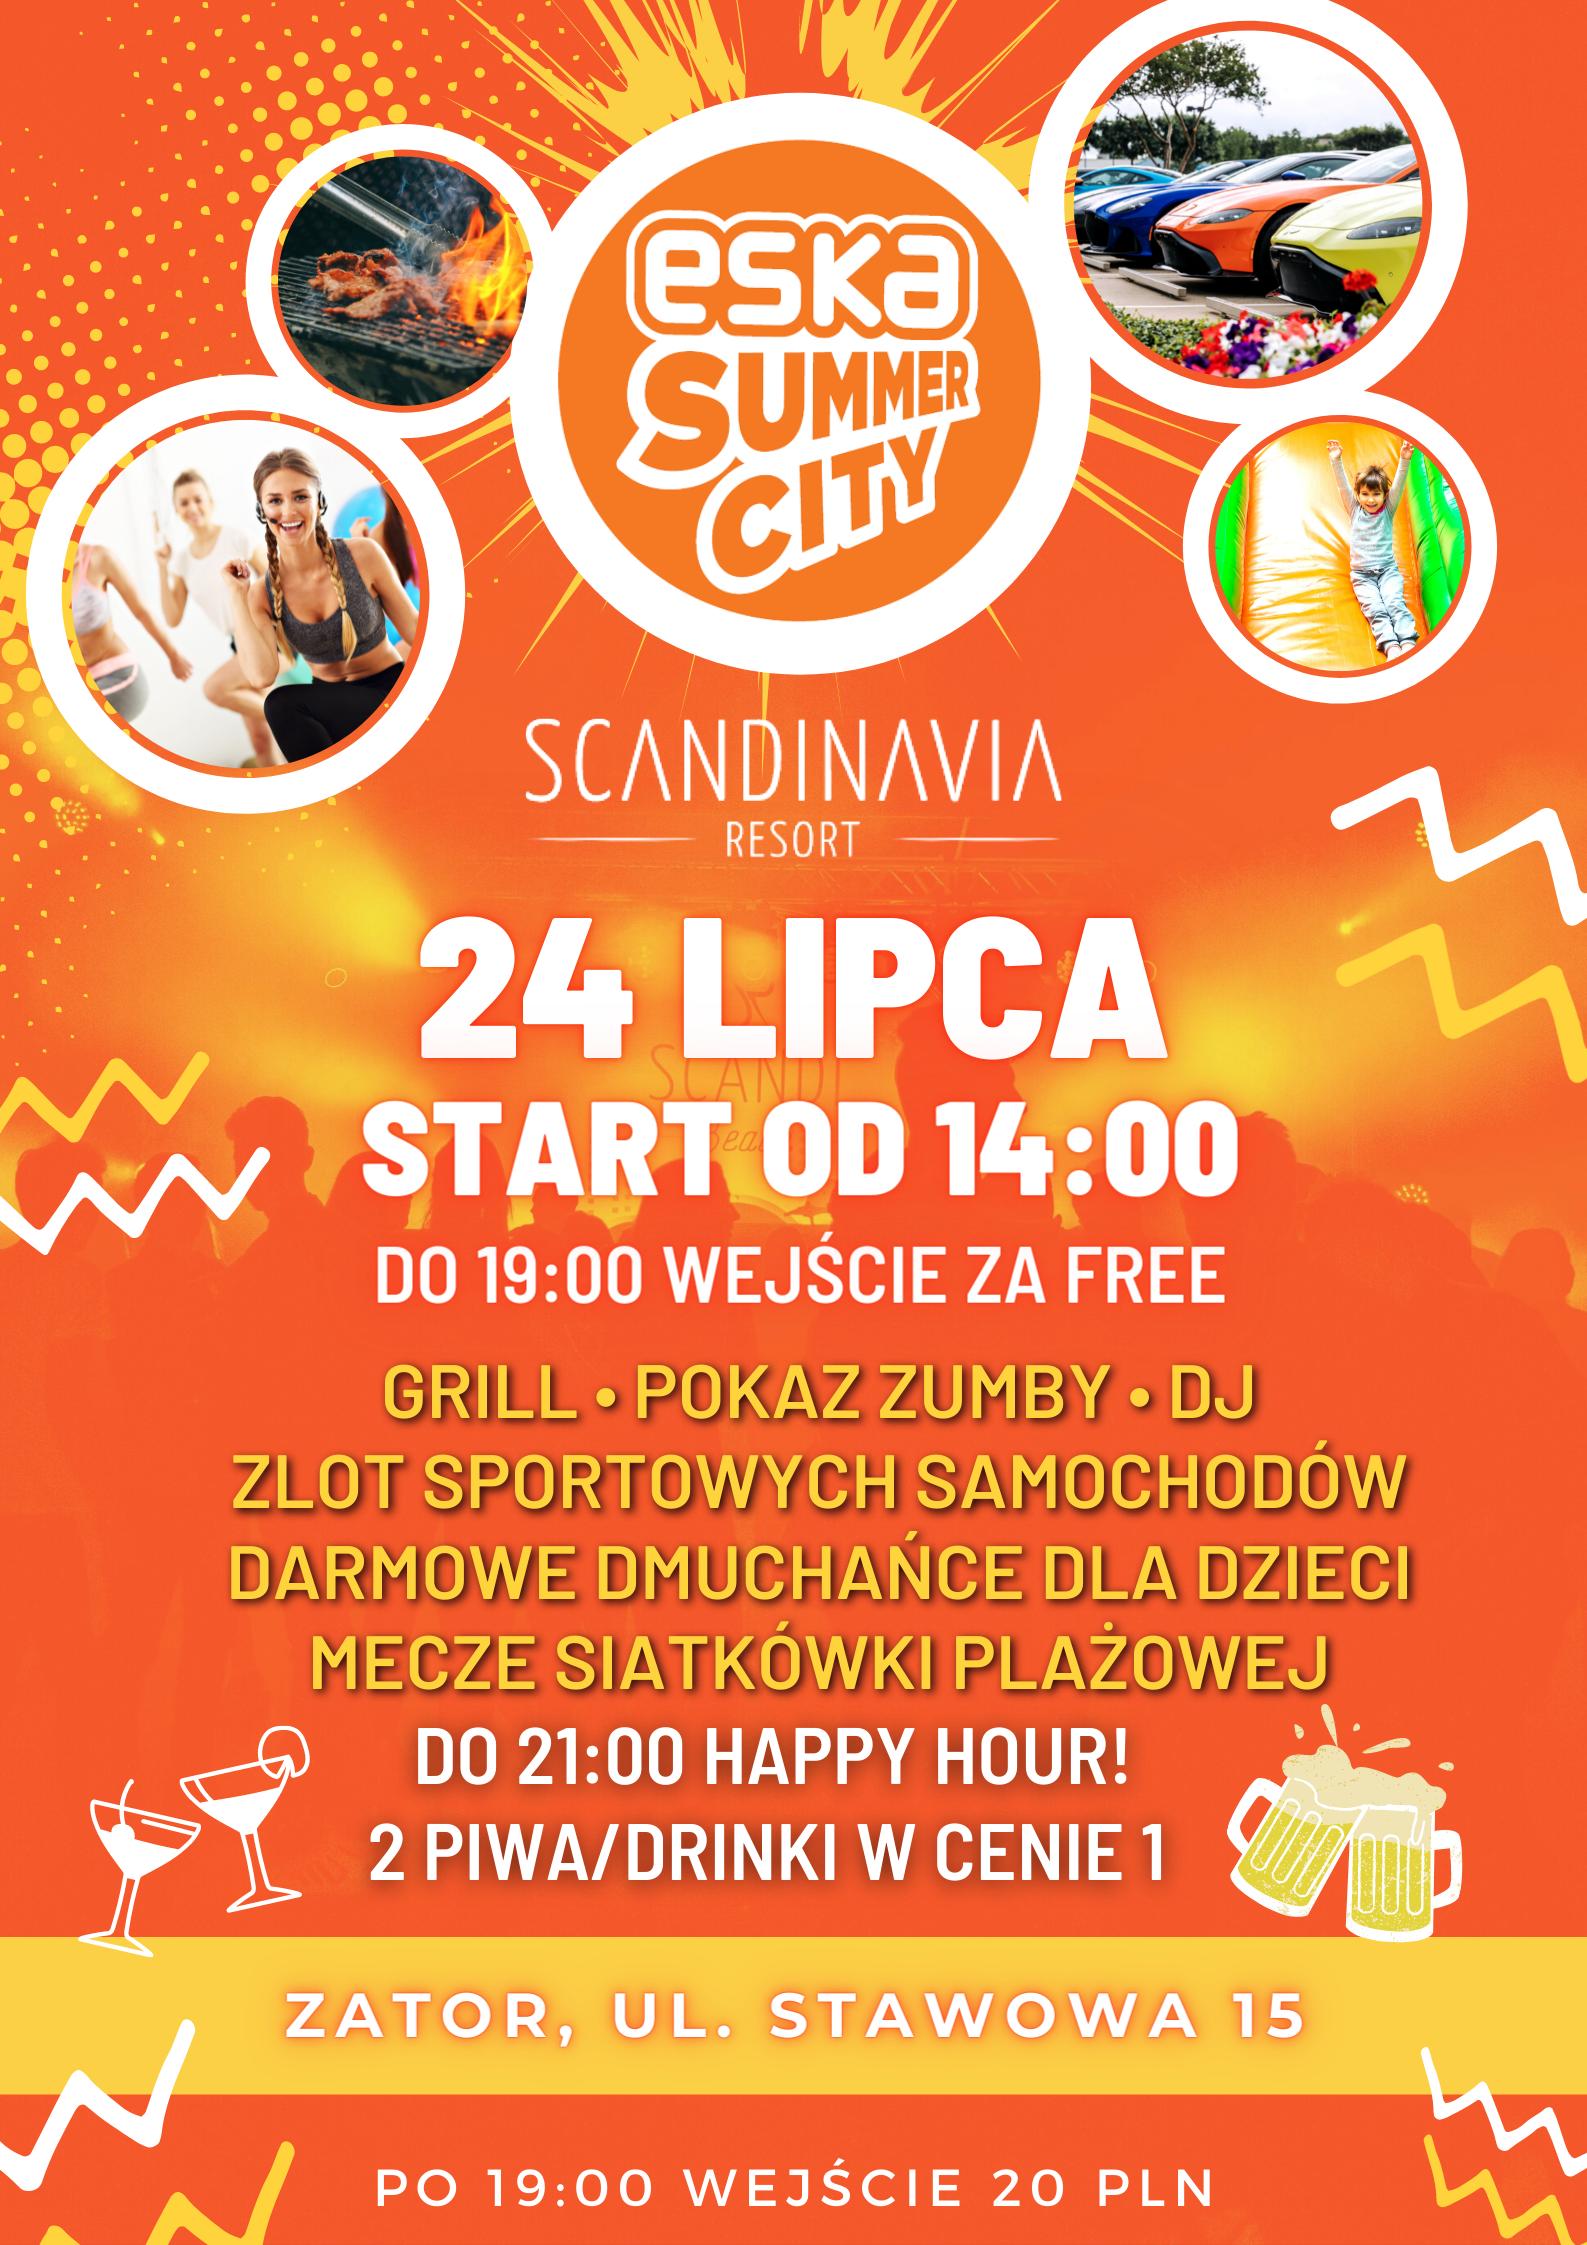 ska Summer City w Scandinavia Resort!